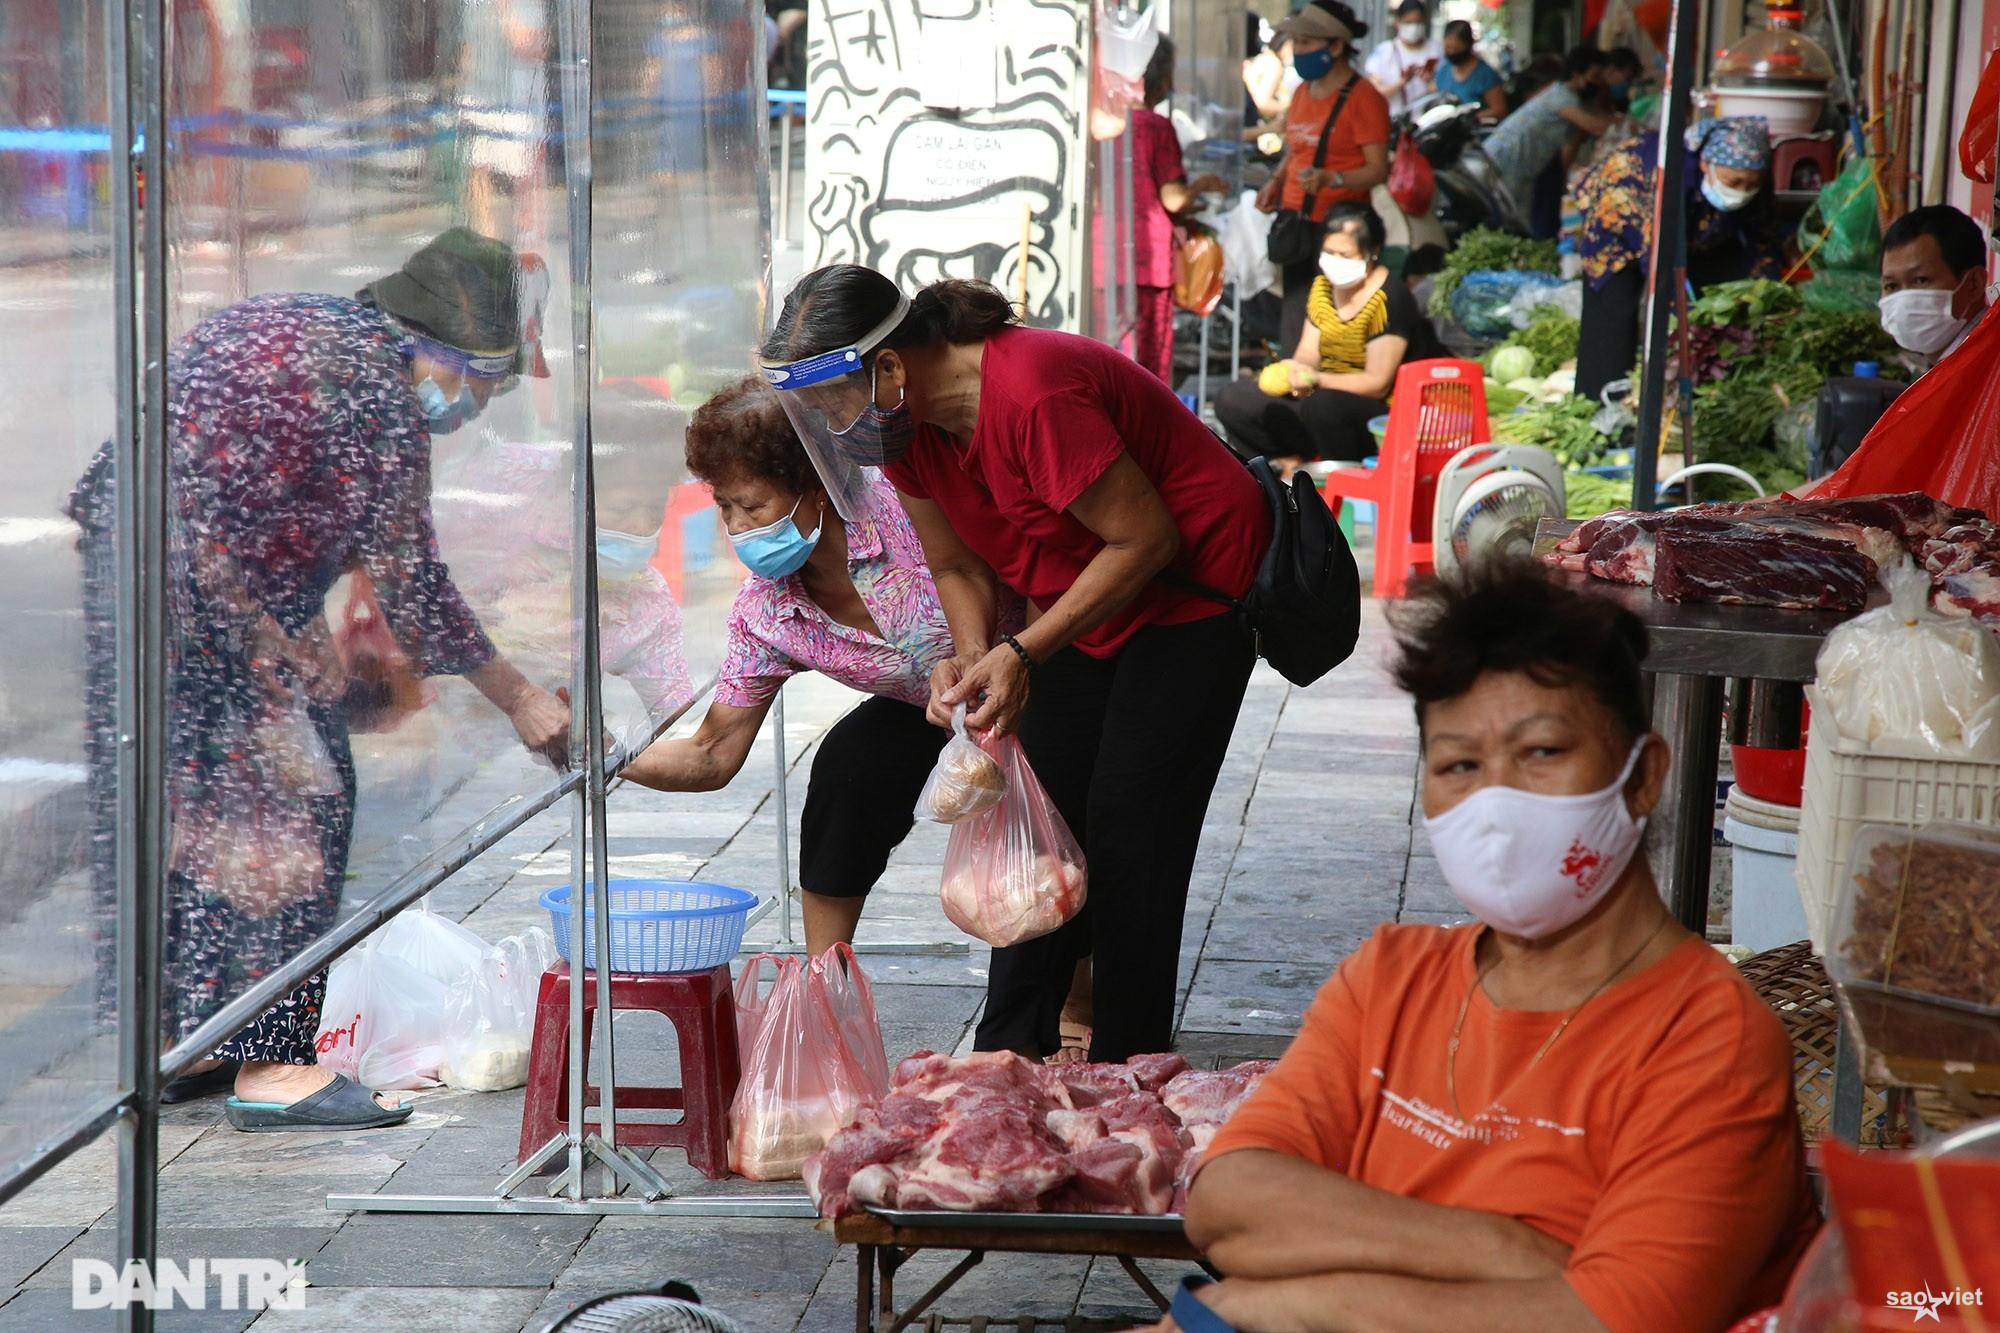 Mới lạ cảnh mua bán bằng ám hiệu ngón tay ở chợ nhà giàu phố cổ Hà Nội - 14